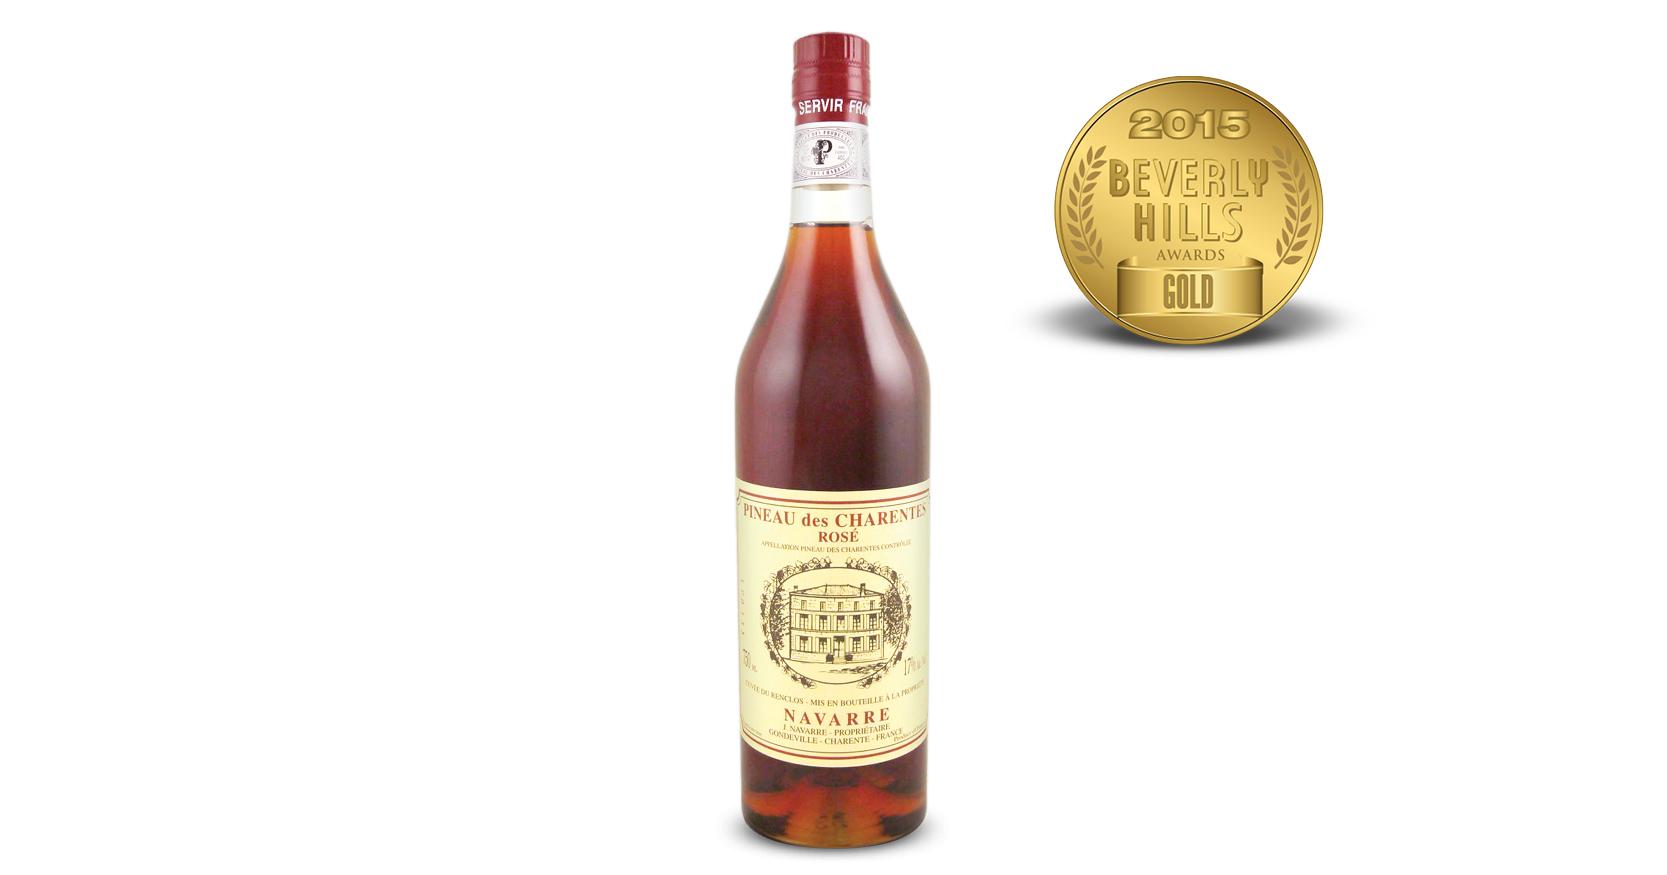 Navarre Pineau des Charentes Rose Cuvee du Renclos